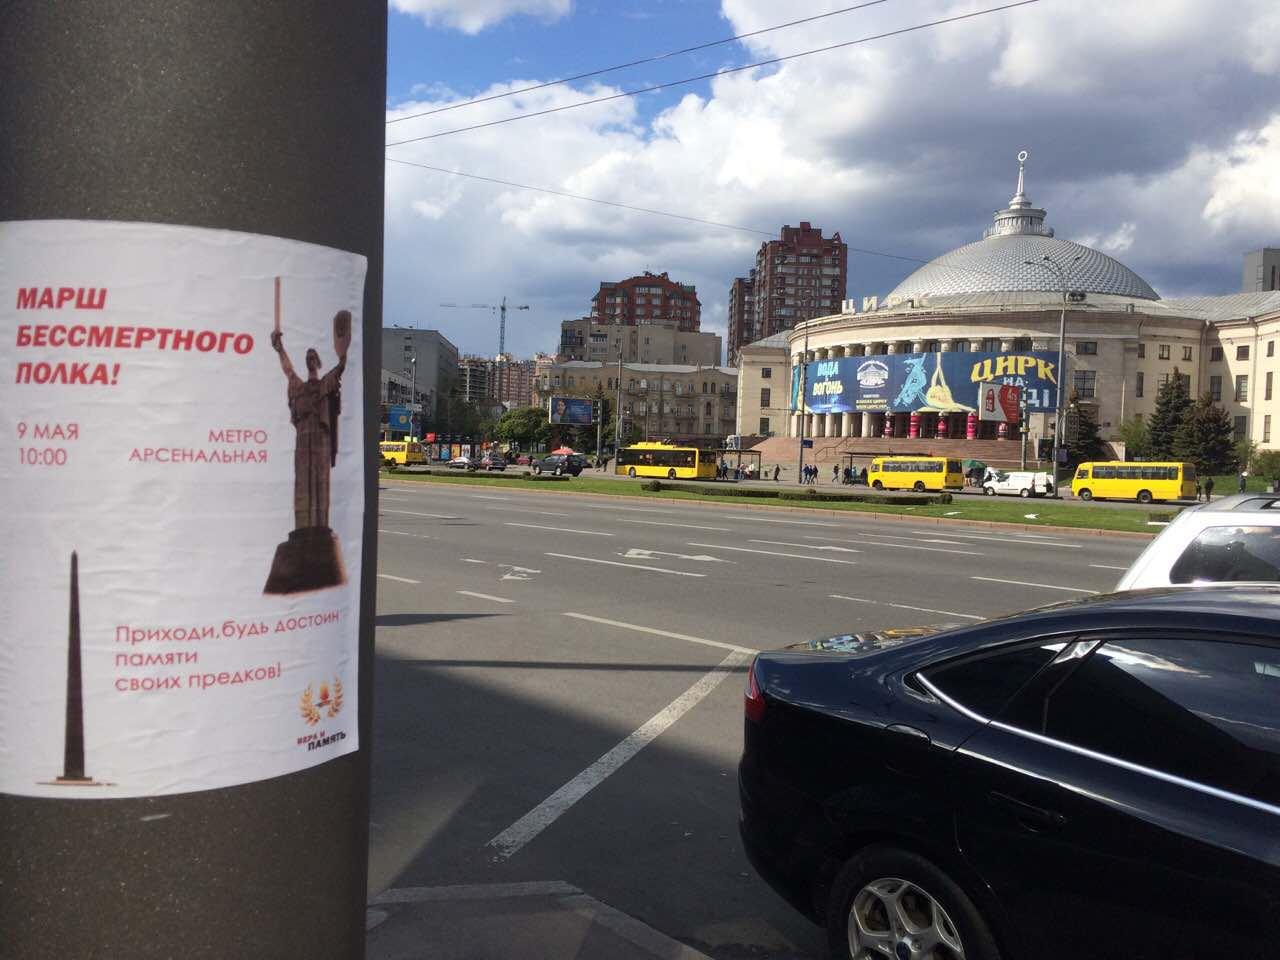 «Активисты» расклеивают листовки в городах Украины. Фото из группы «Бессмертный полк - Киев!» Вкотакте